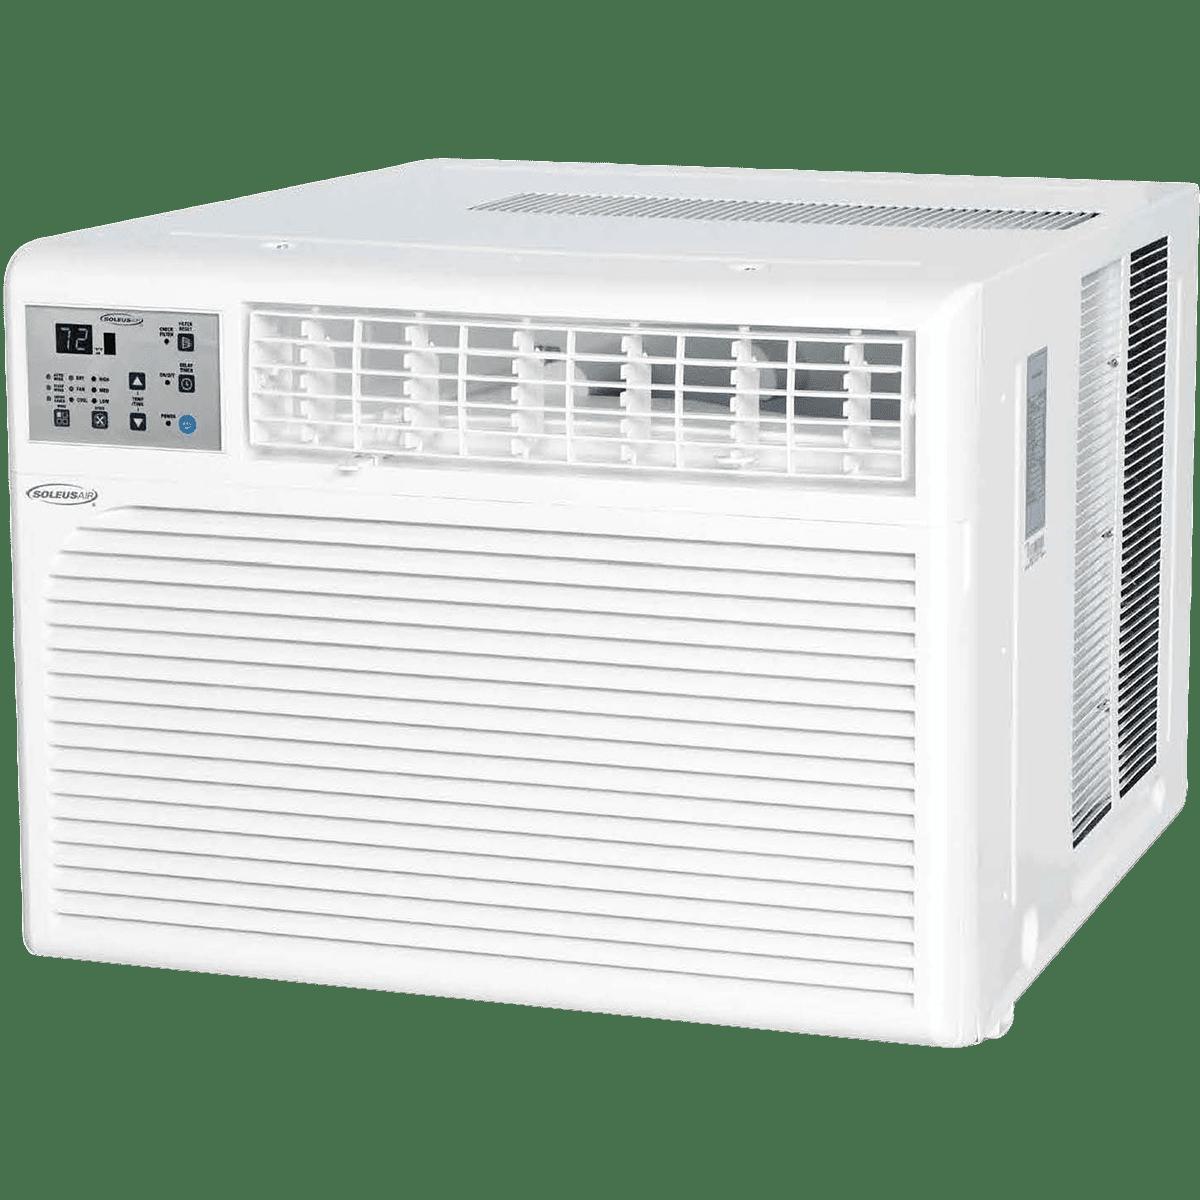 Soleus Air 18,300 BTU Window Air Conditioner (WS-18E-01)